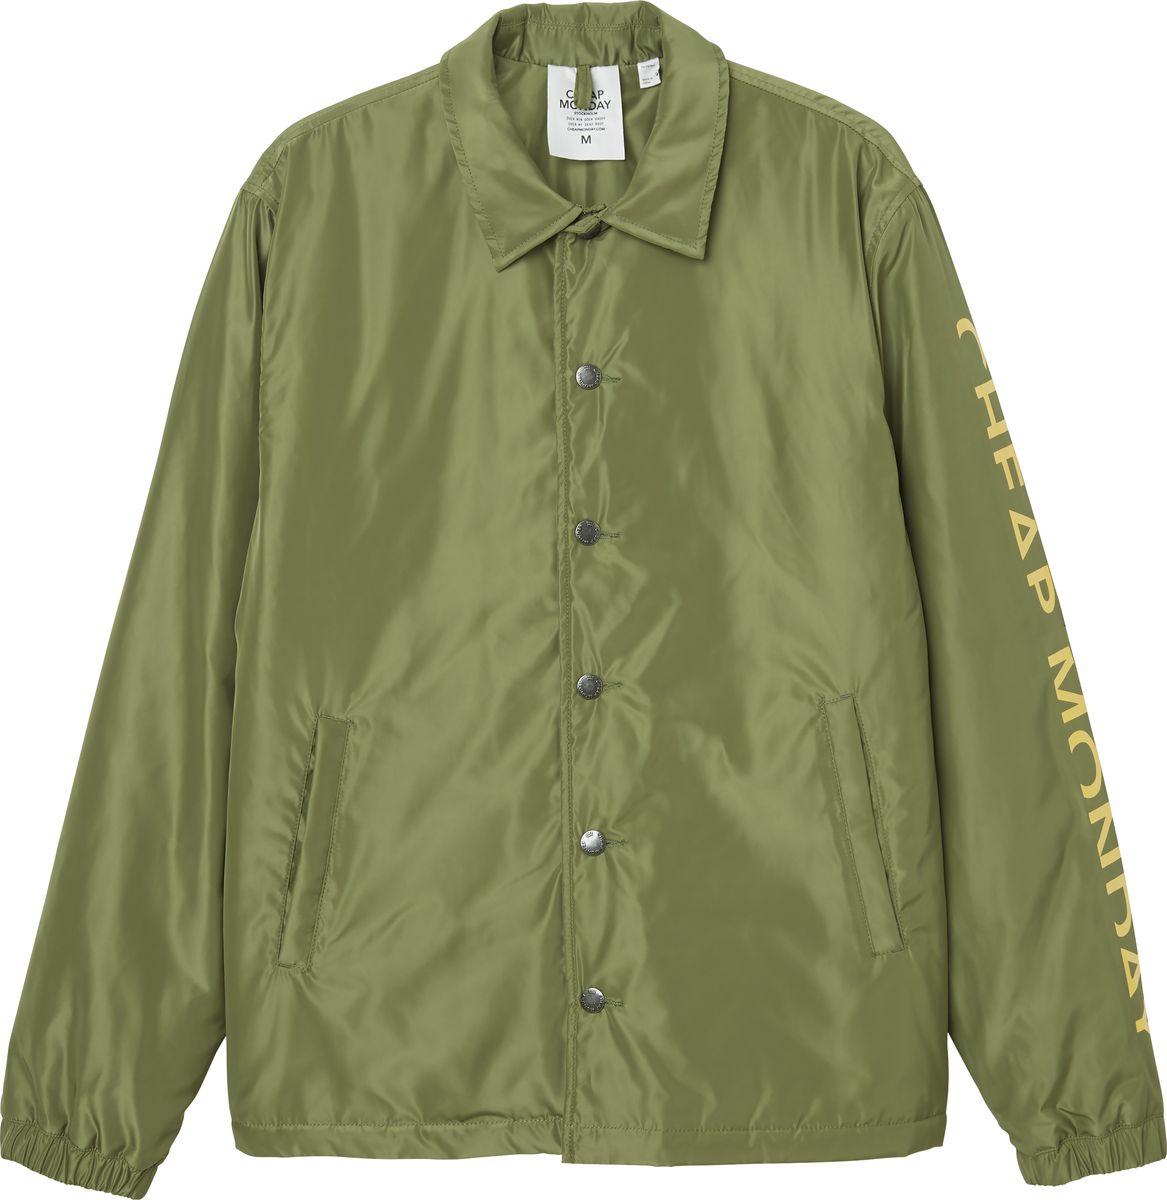 Куртка мужская Cheap Monday, цвет: оливковый. 0526819. Размер XL (52) куртка утепленная cheap monday cheap monday ch839emwwj95